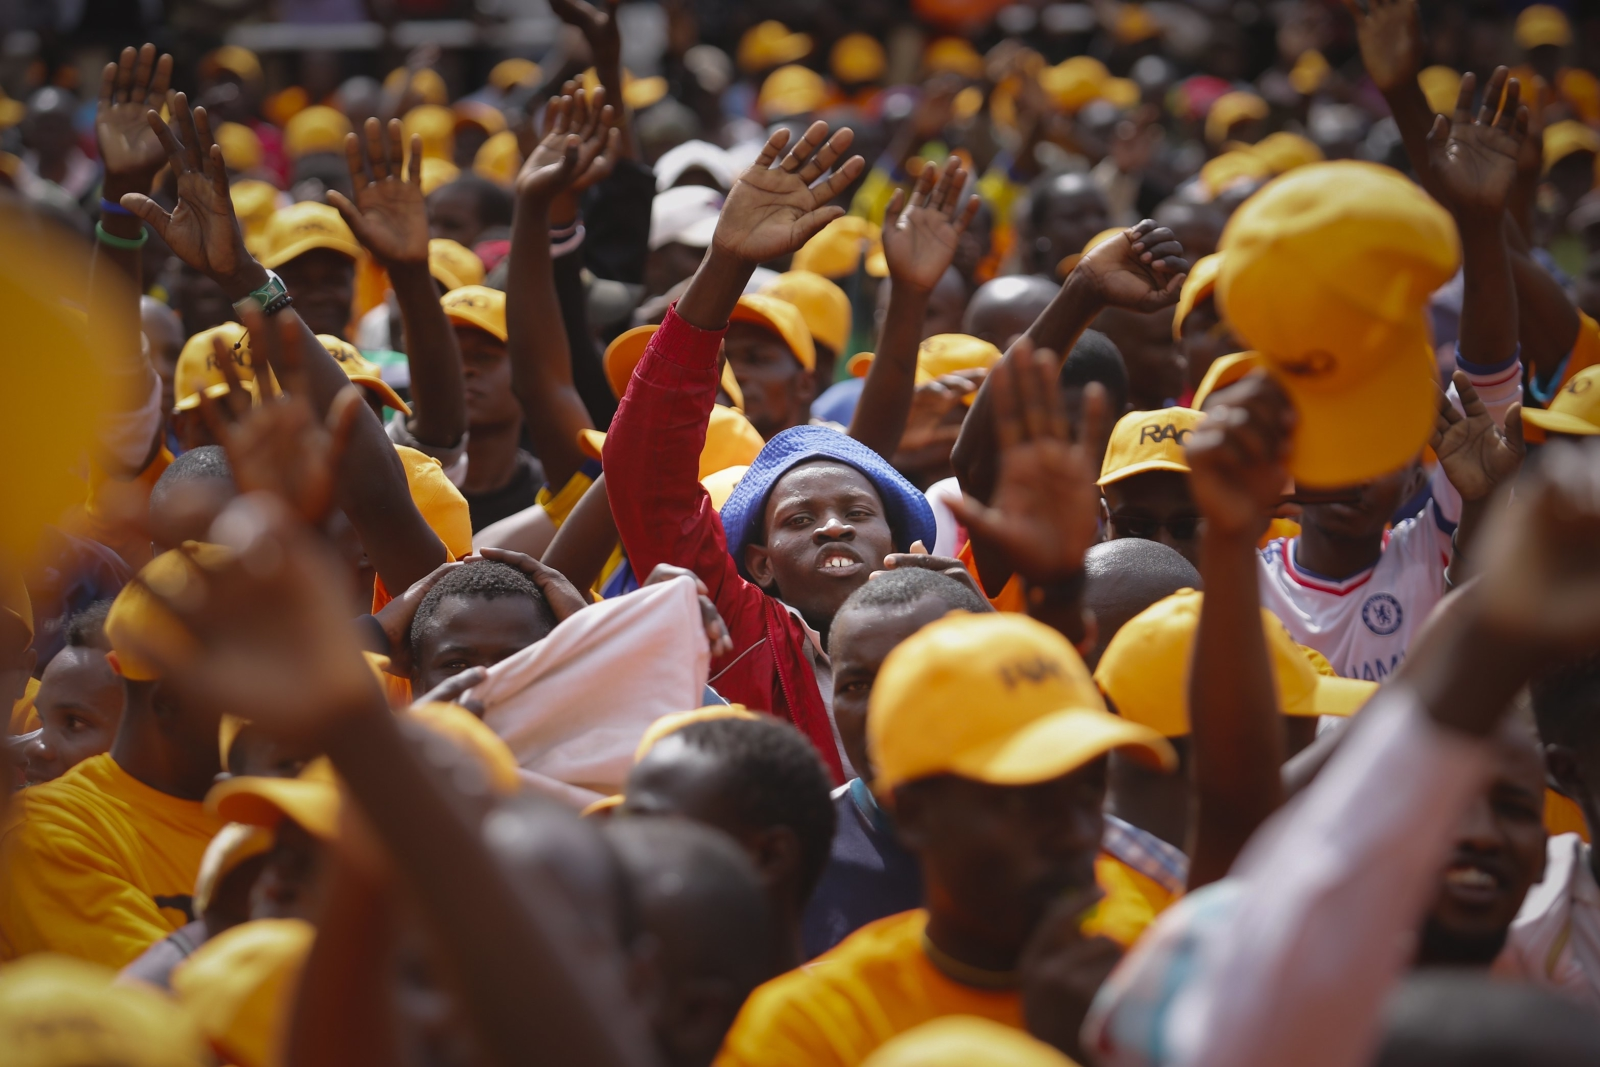 Wybory w Kenii (Nairobi)